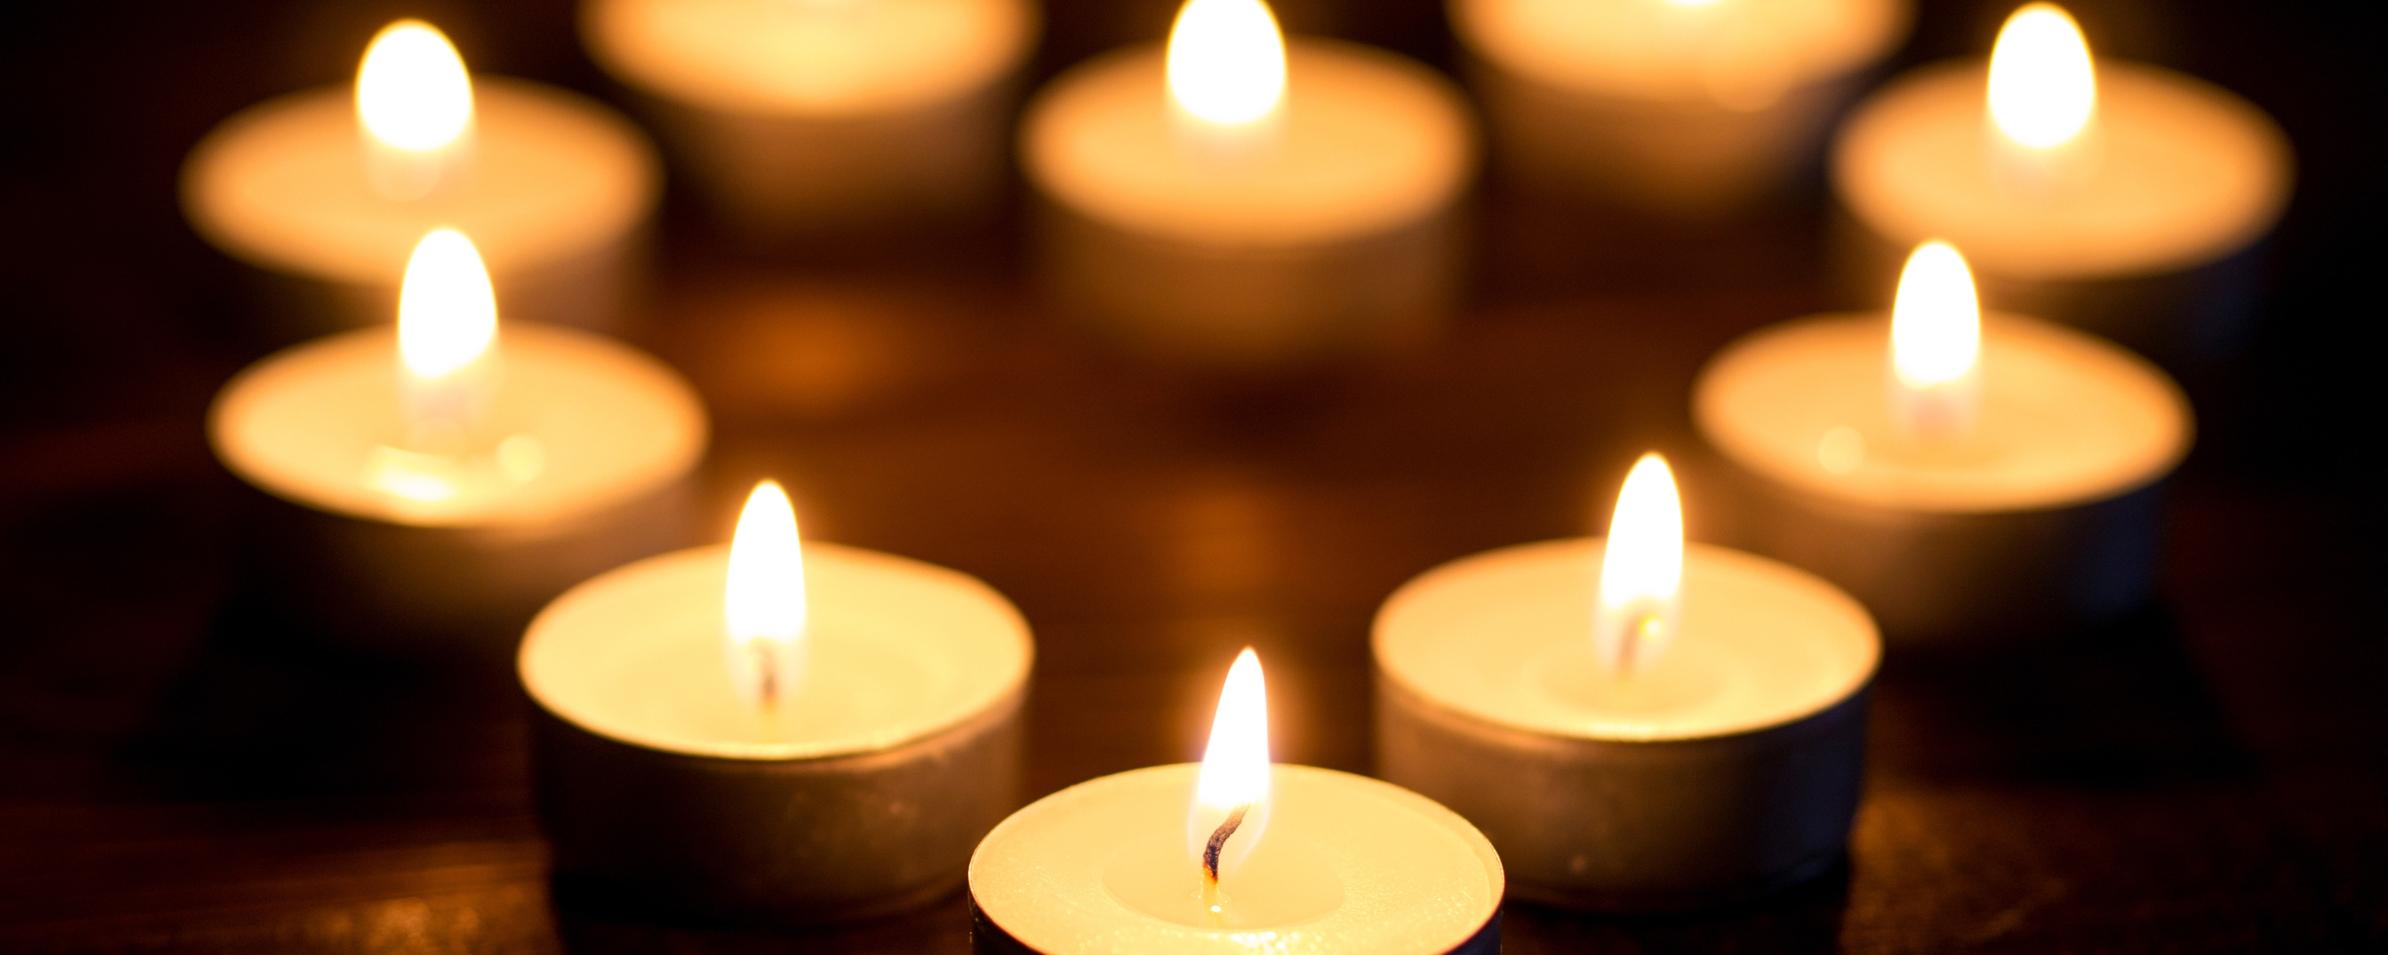 An Interfaith Service of Gratitude: Sustainable Abundance